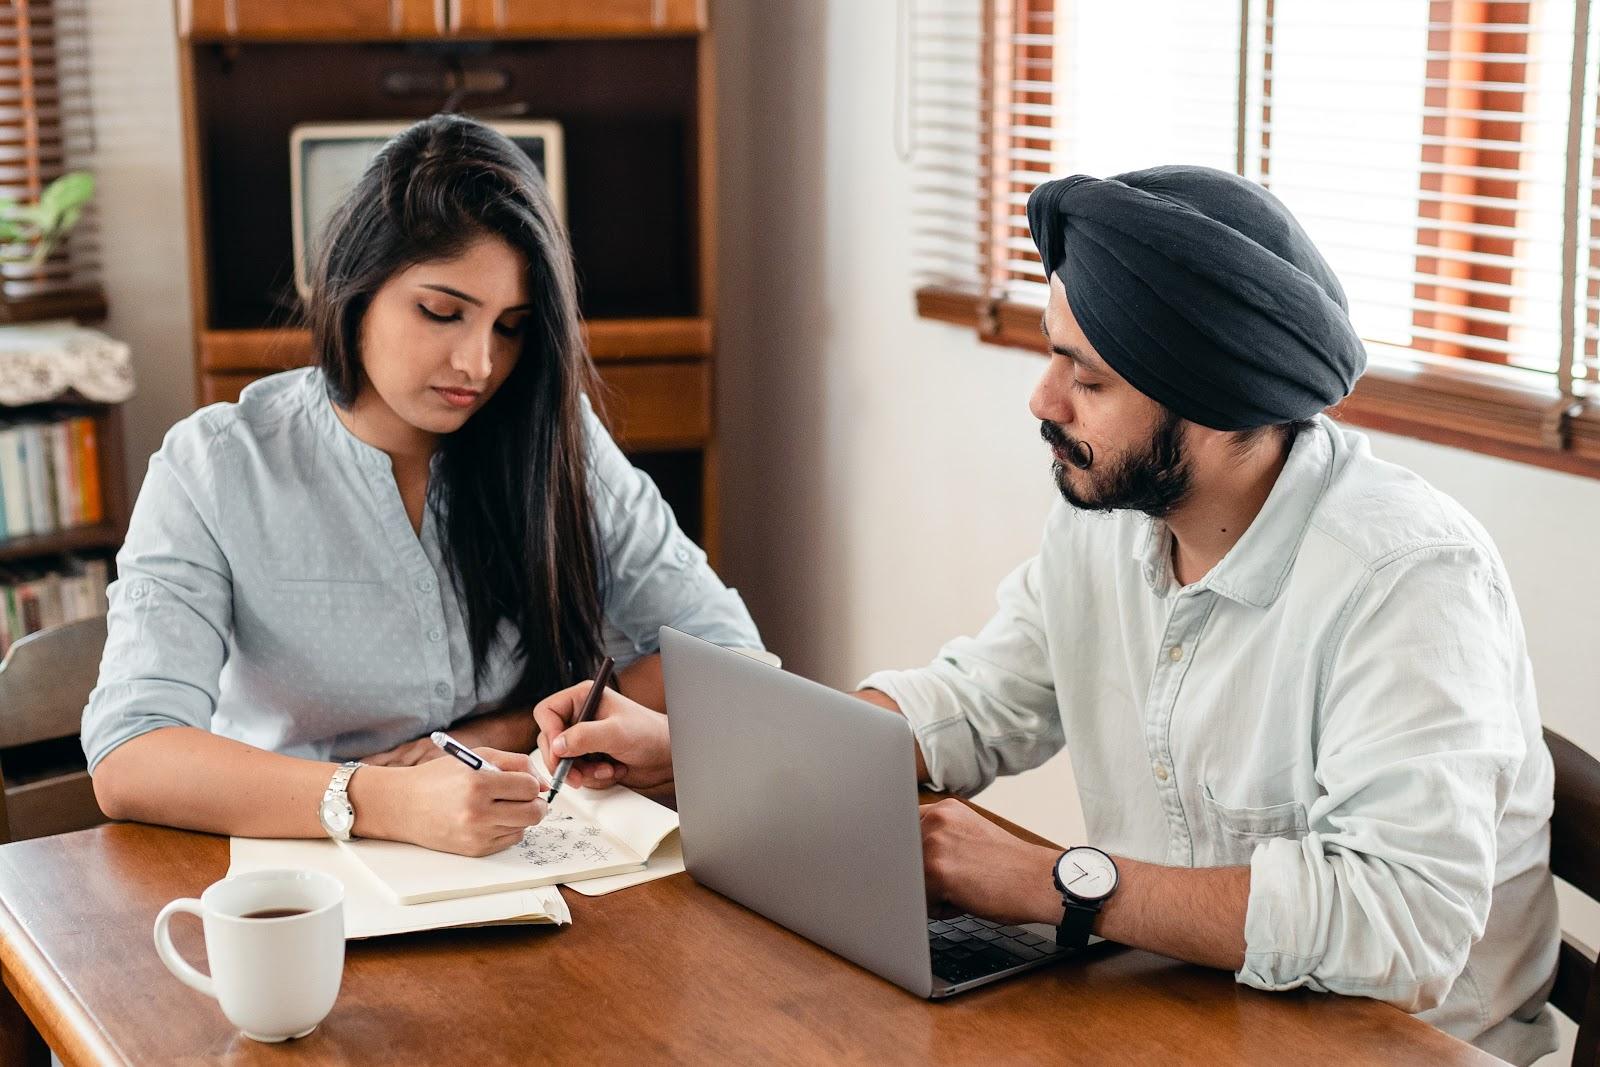 Digital Marketing  Career as a Social Media Manager or Social Media Expert